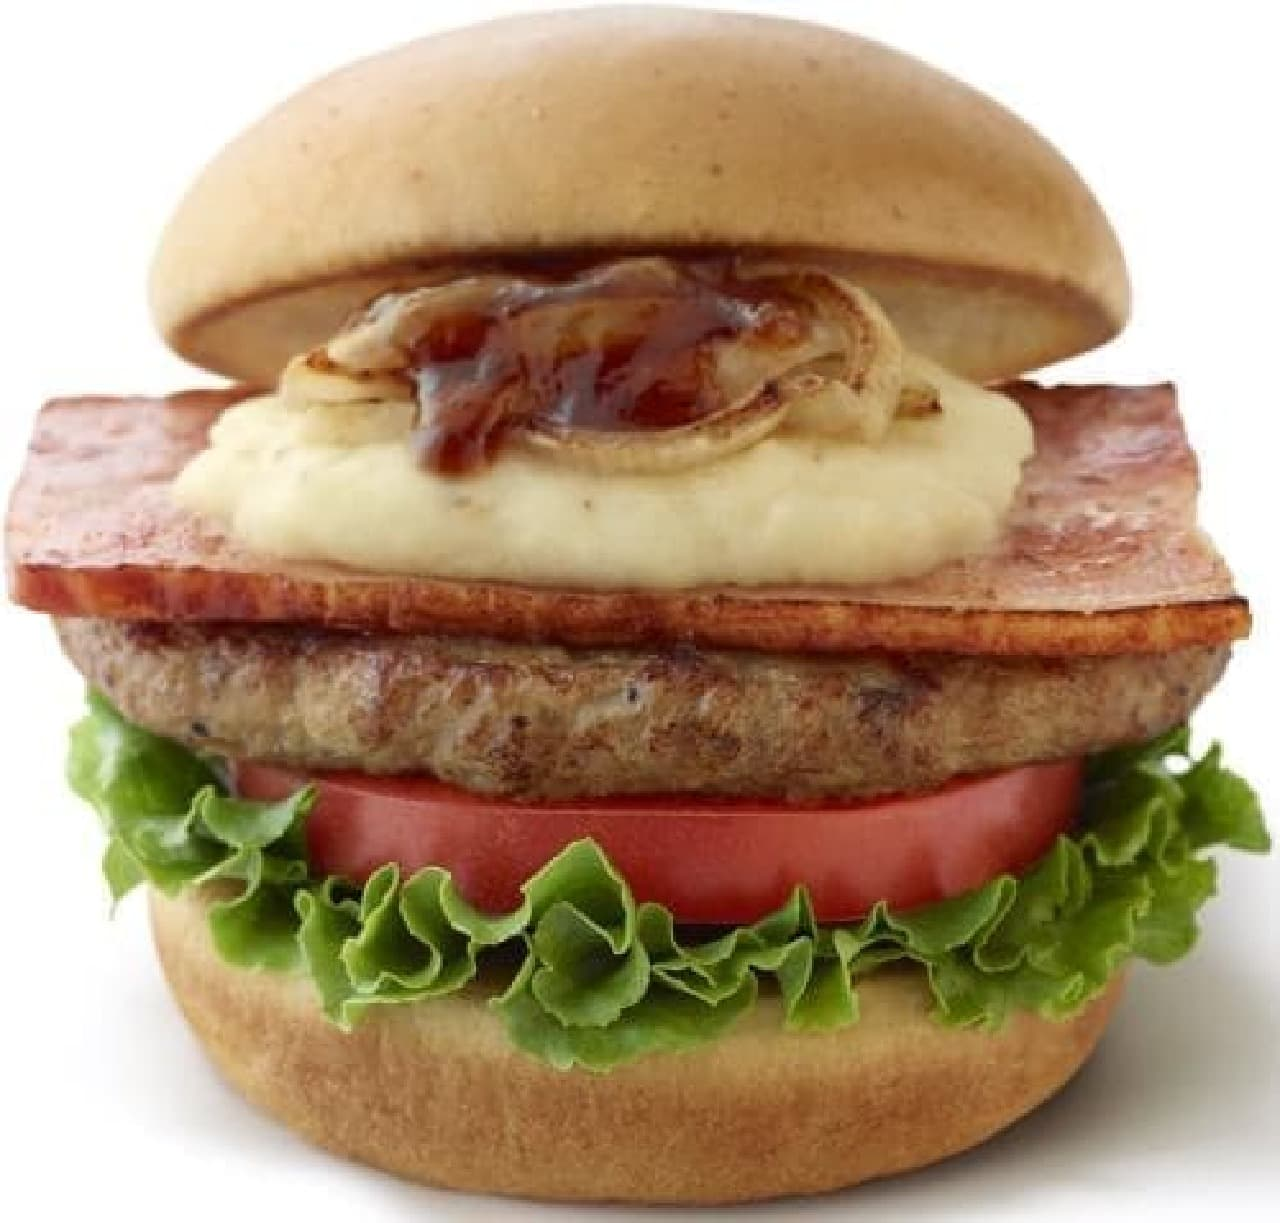 モスバーガー「とびきりハンバーグサンド<薫るベーコン&クリーミーポテト>」